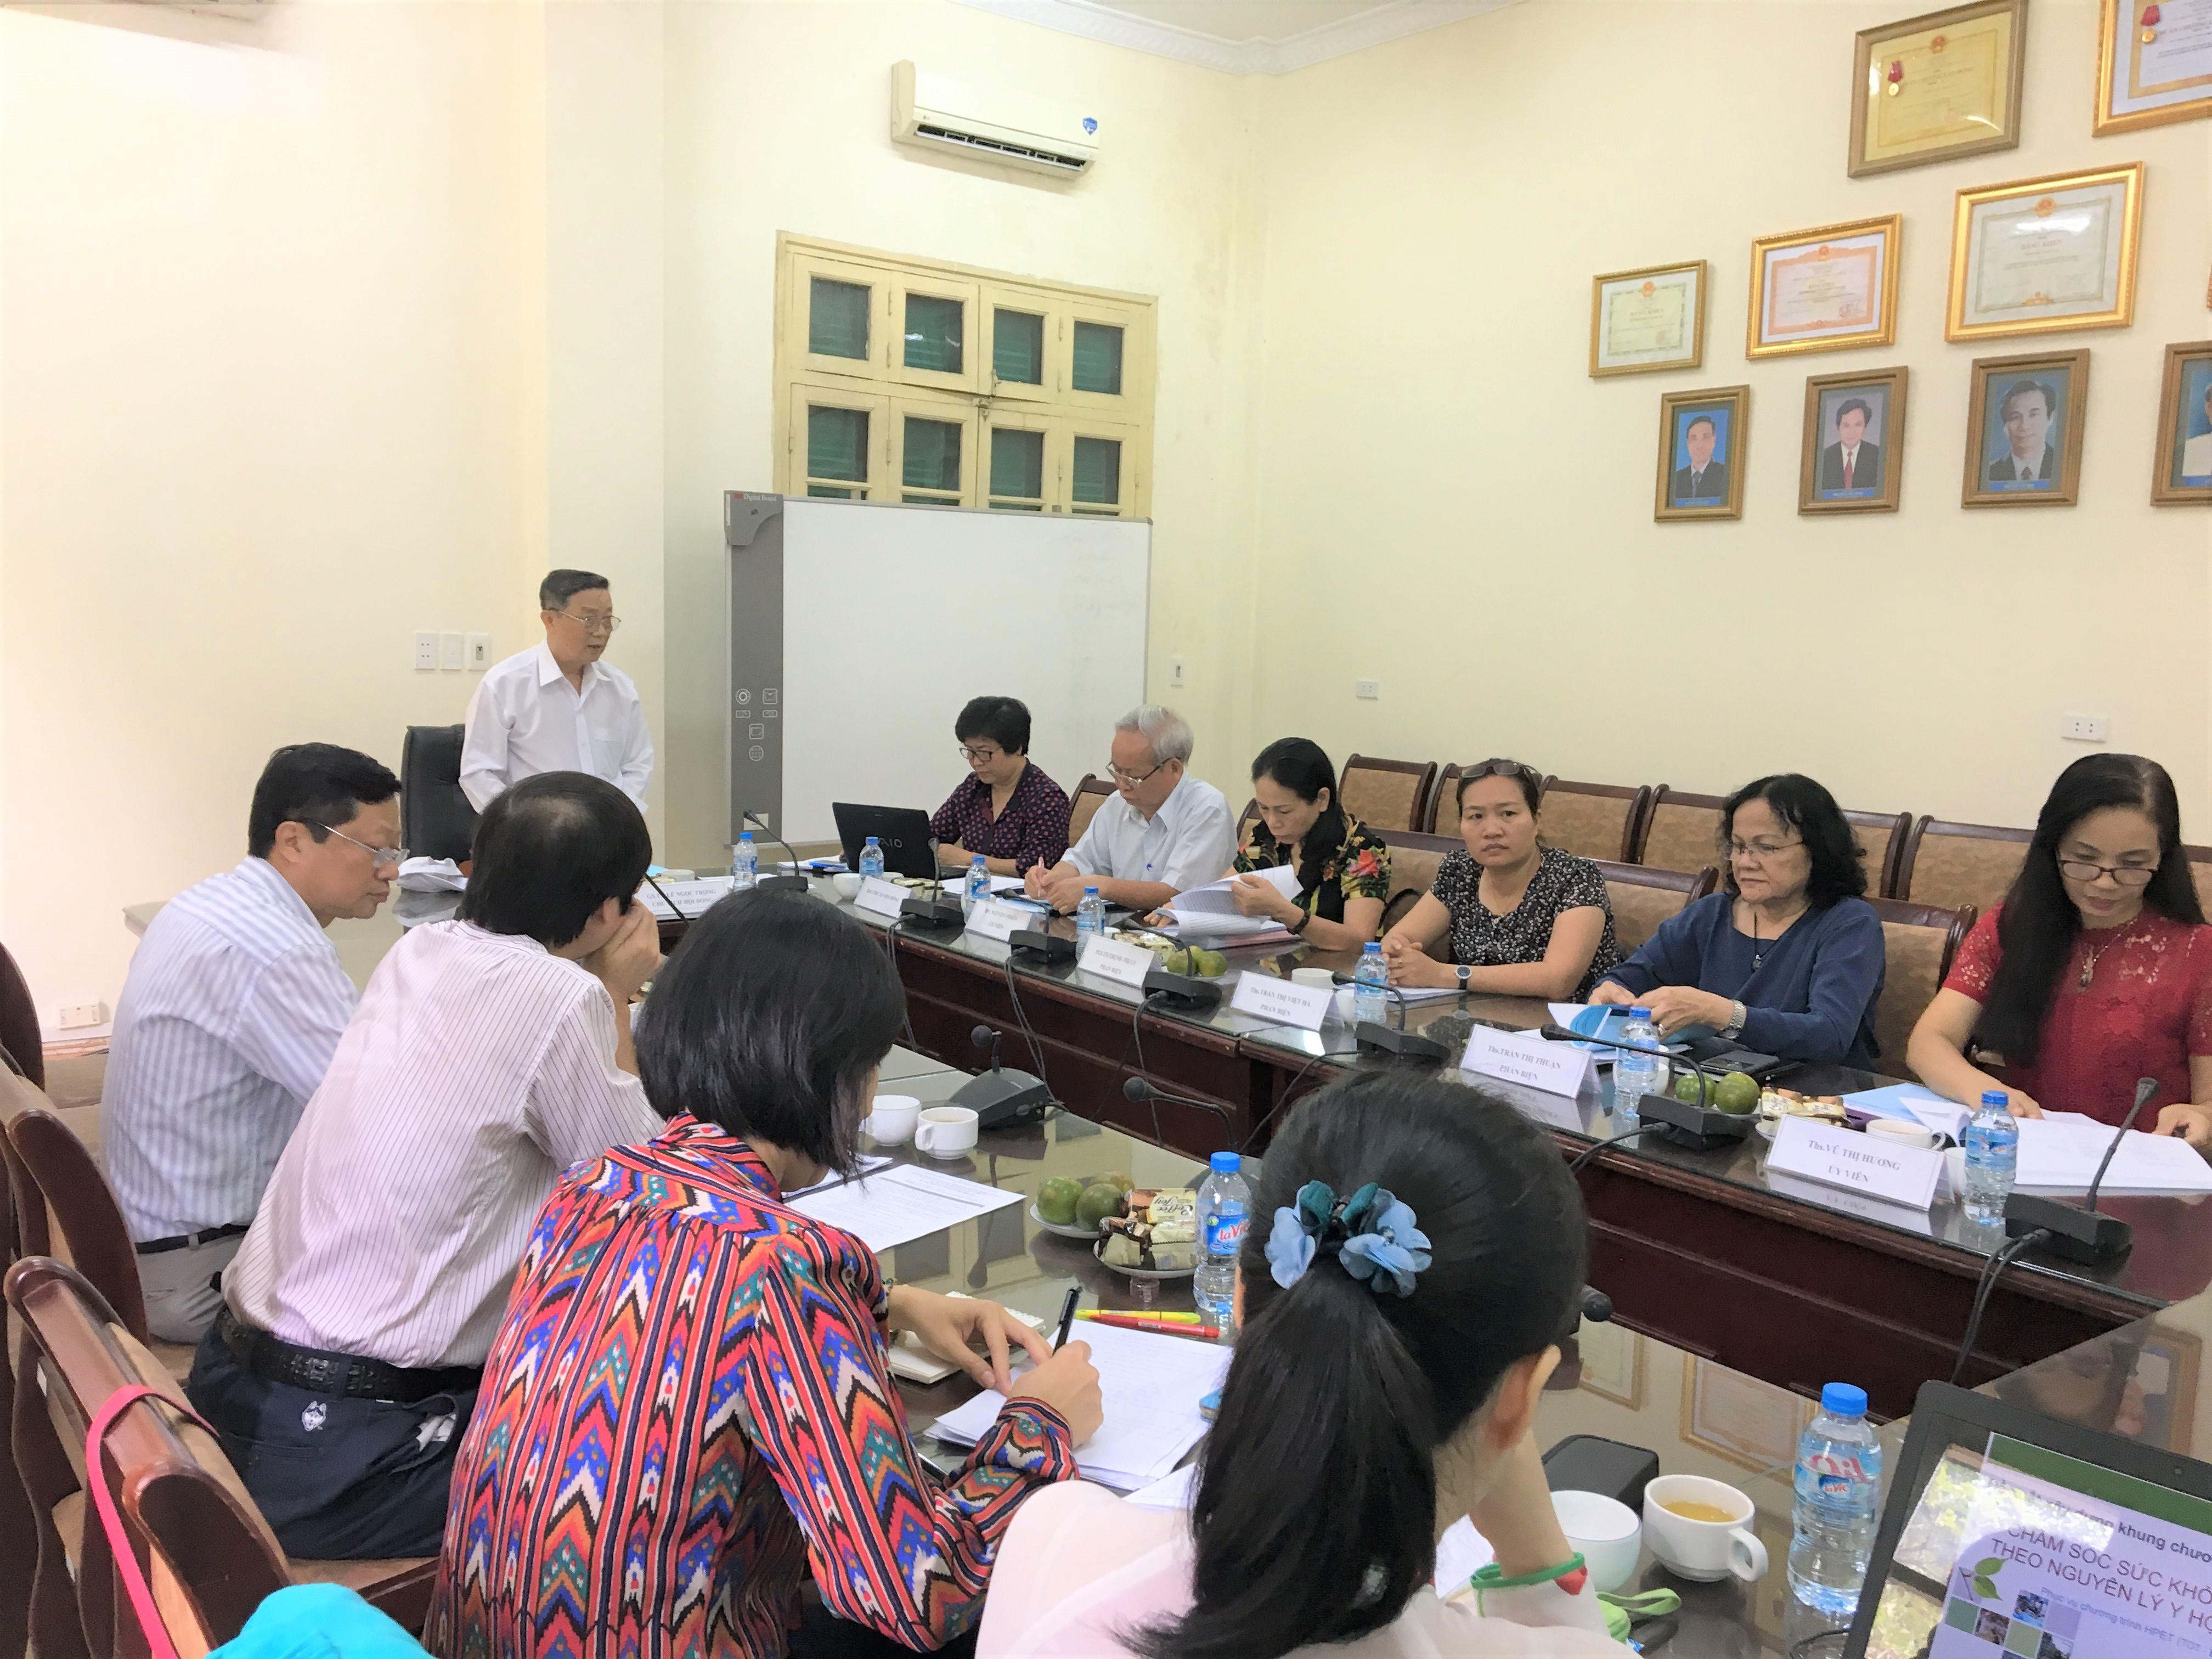 Thực hiện ý kiến của Bộ Giáo dục và Đào tạo về việc thống nhất cơ chế quản lý điều hành các chương trình, đề án, dự án thuộc ngành giáo dục .